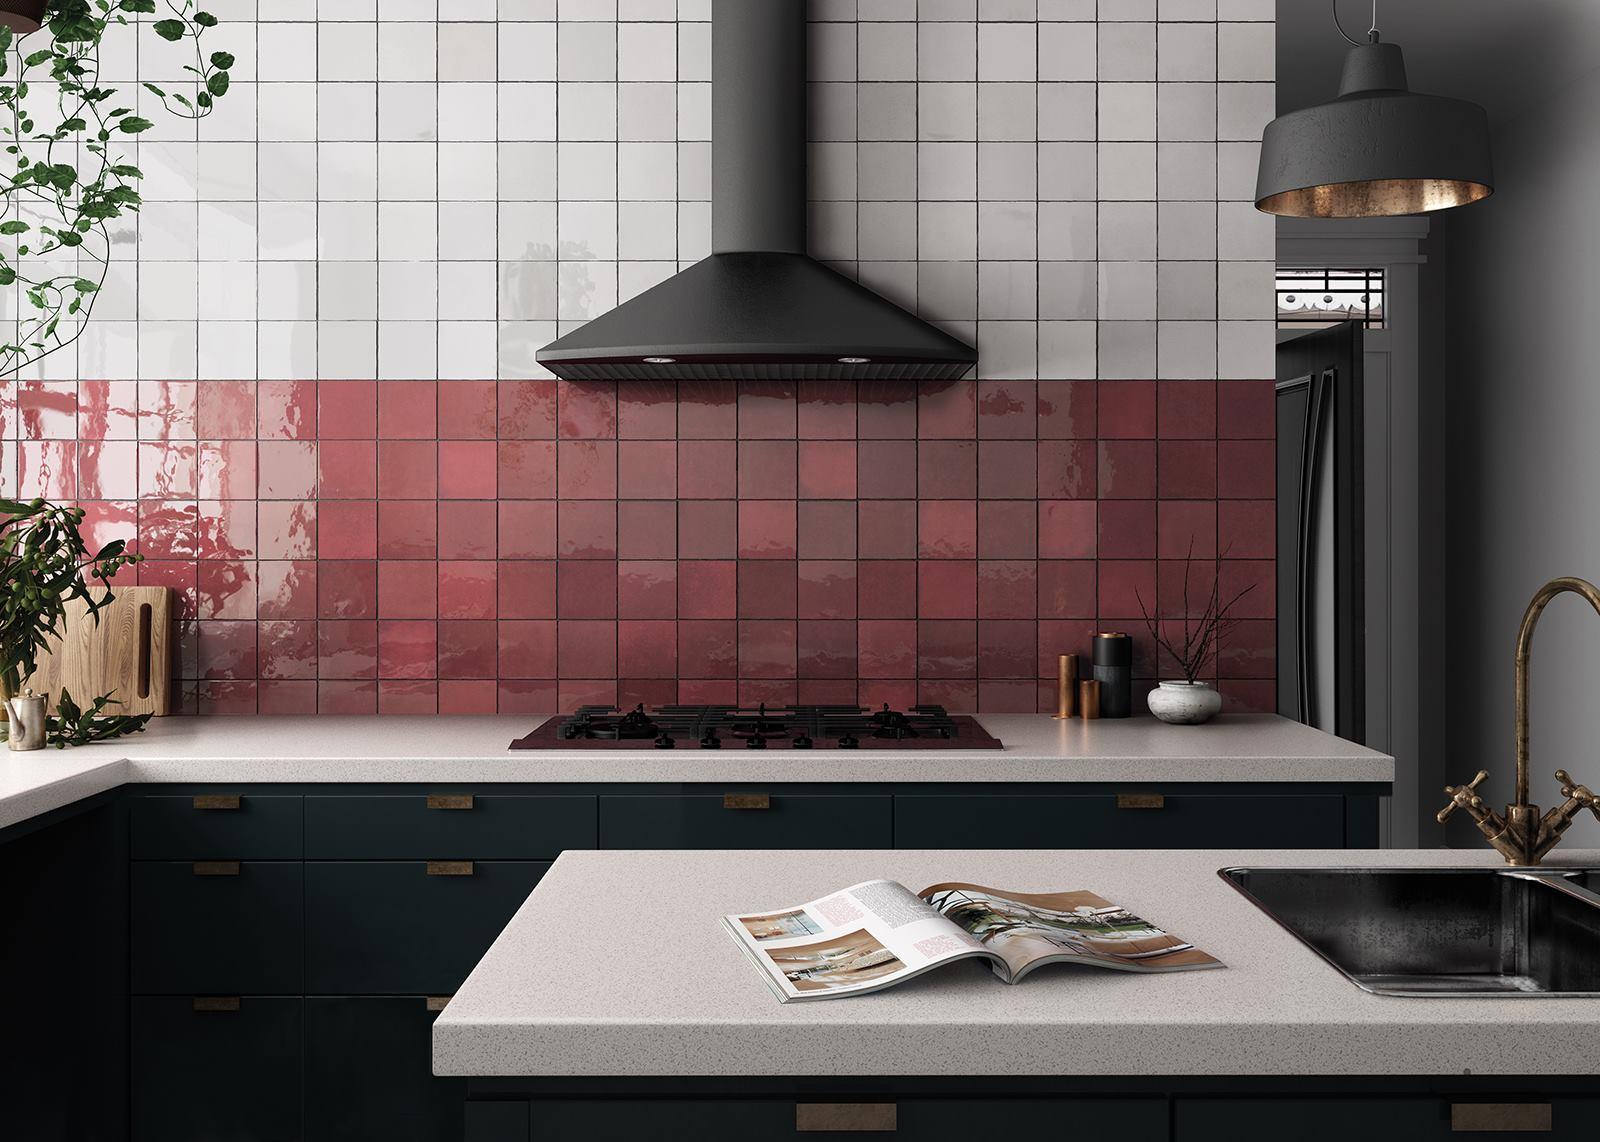 Płytki do kuchni - nawiązanie do marmuru